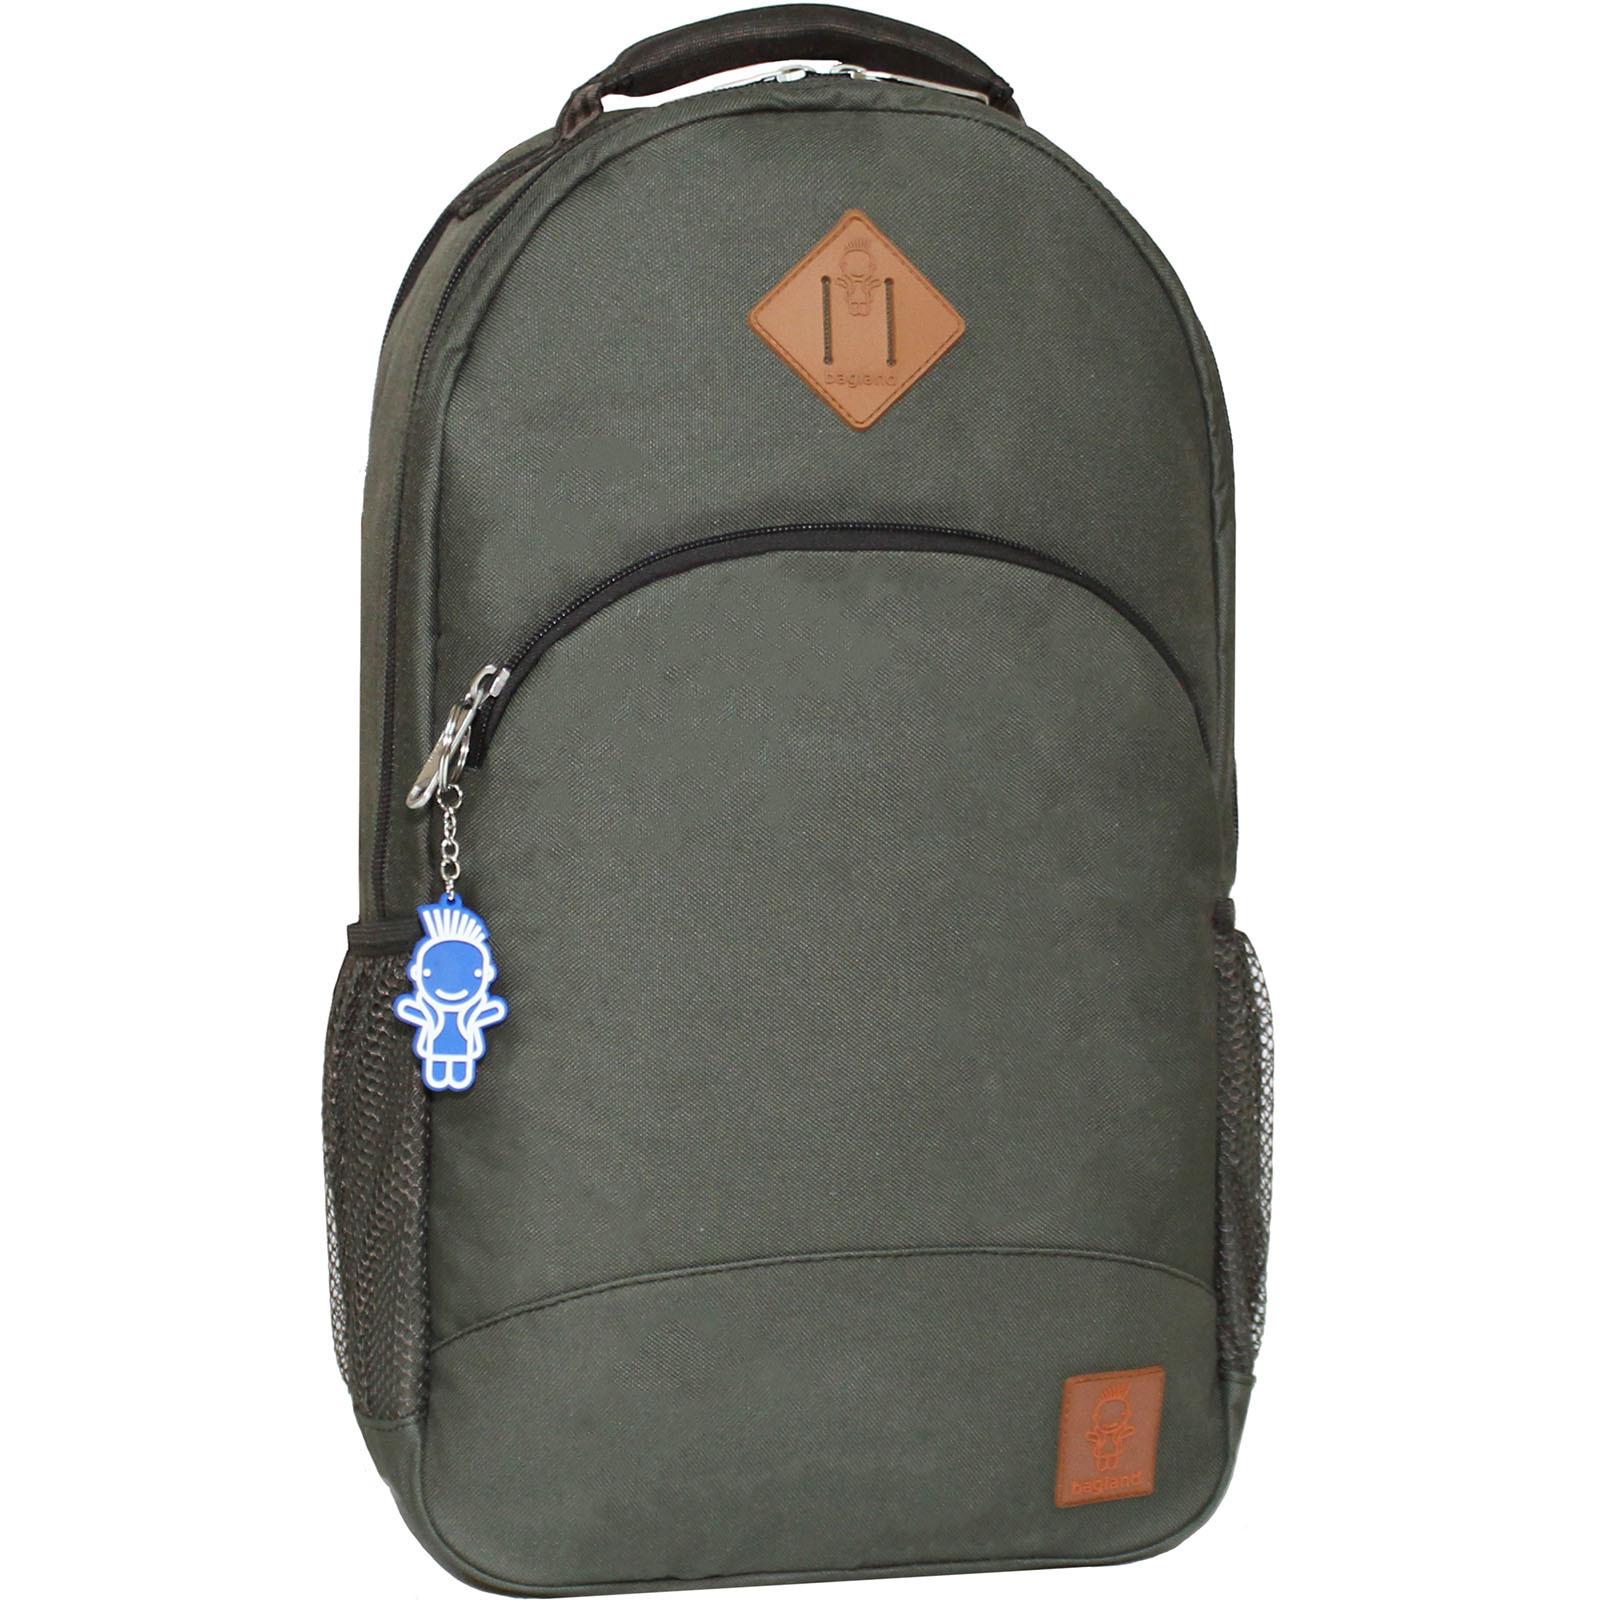 Городские рюкзаки Рюкзак Bagland UltraMax 20 л. Хаки (00534662) IMG_1545.JPG